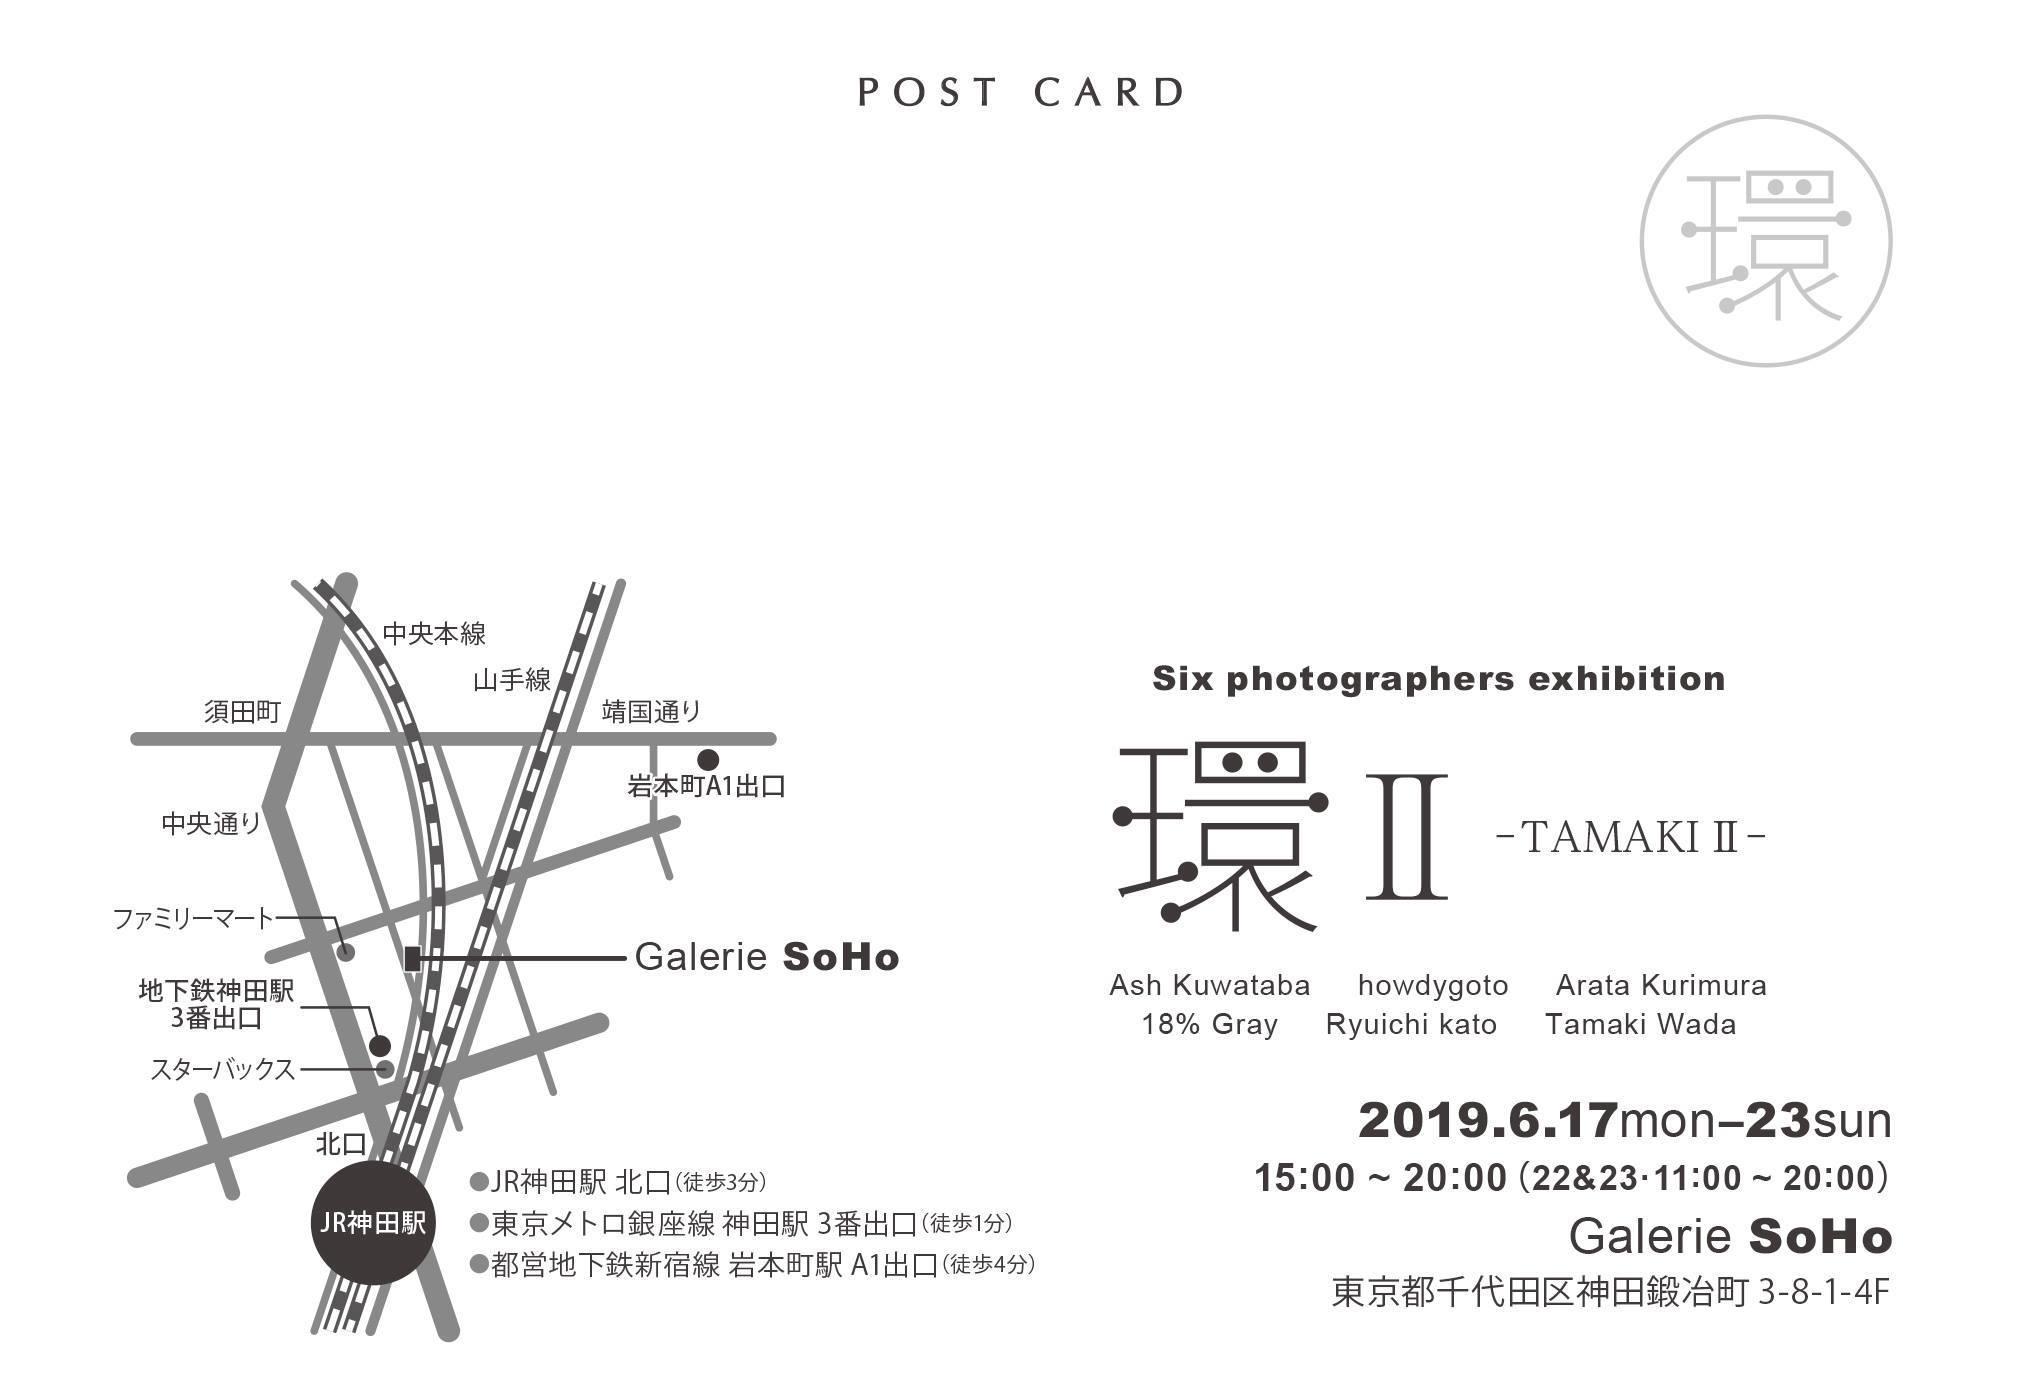 写真展「環 Ⅱ -Tamaki-」 _f0024992_16482780.jpg